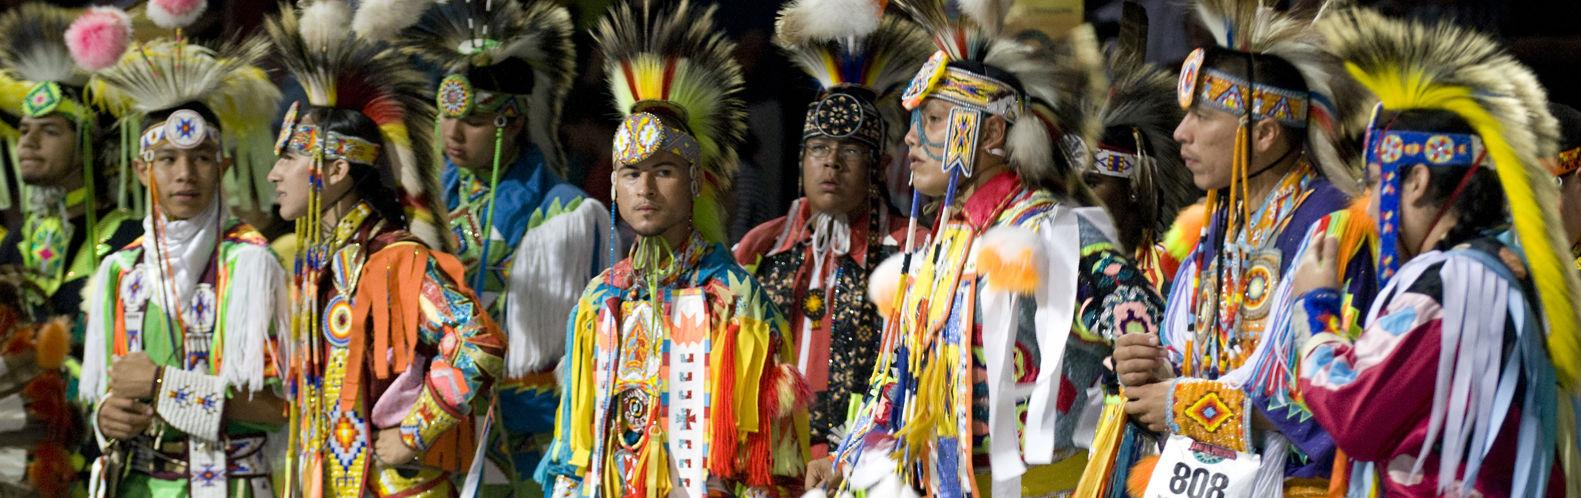 Bezoek een Powwow van de First Nations